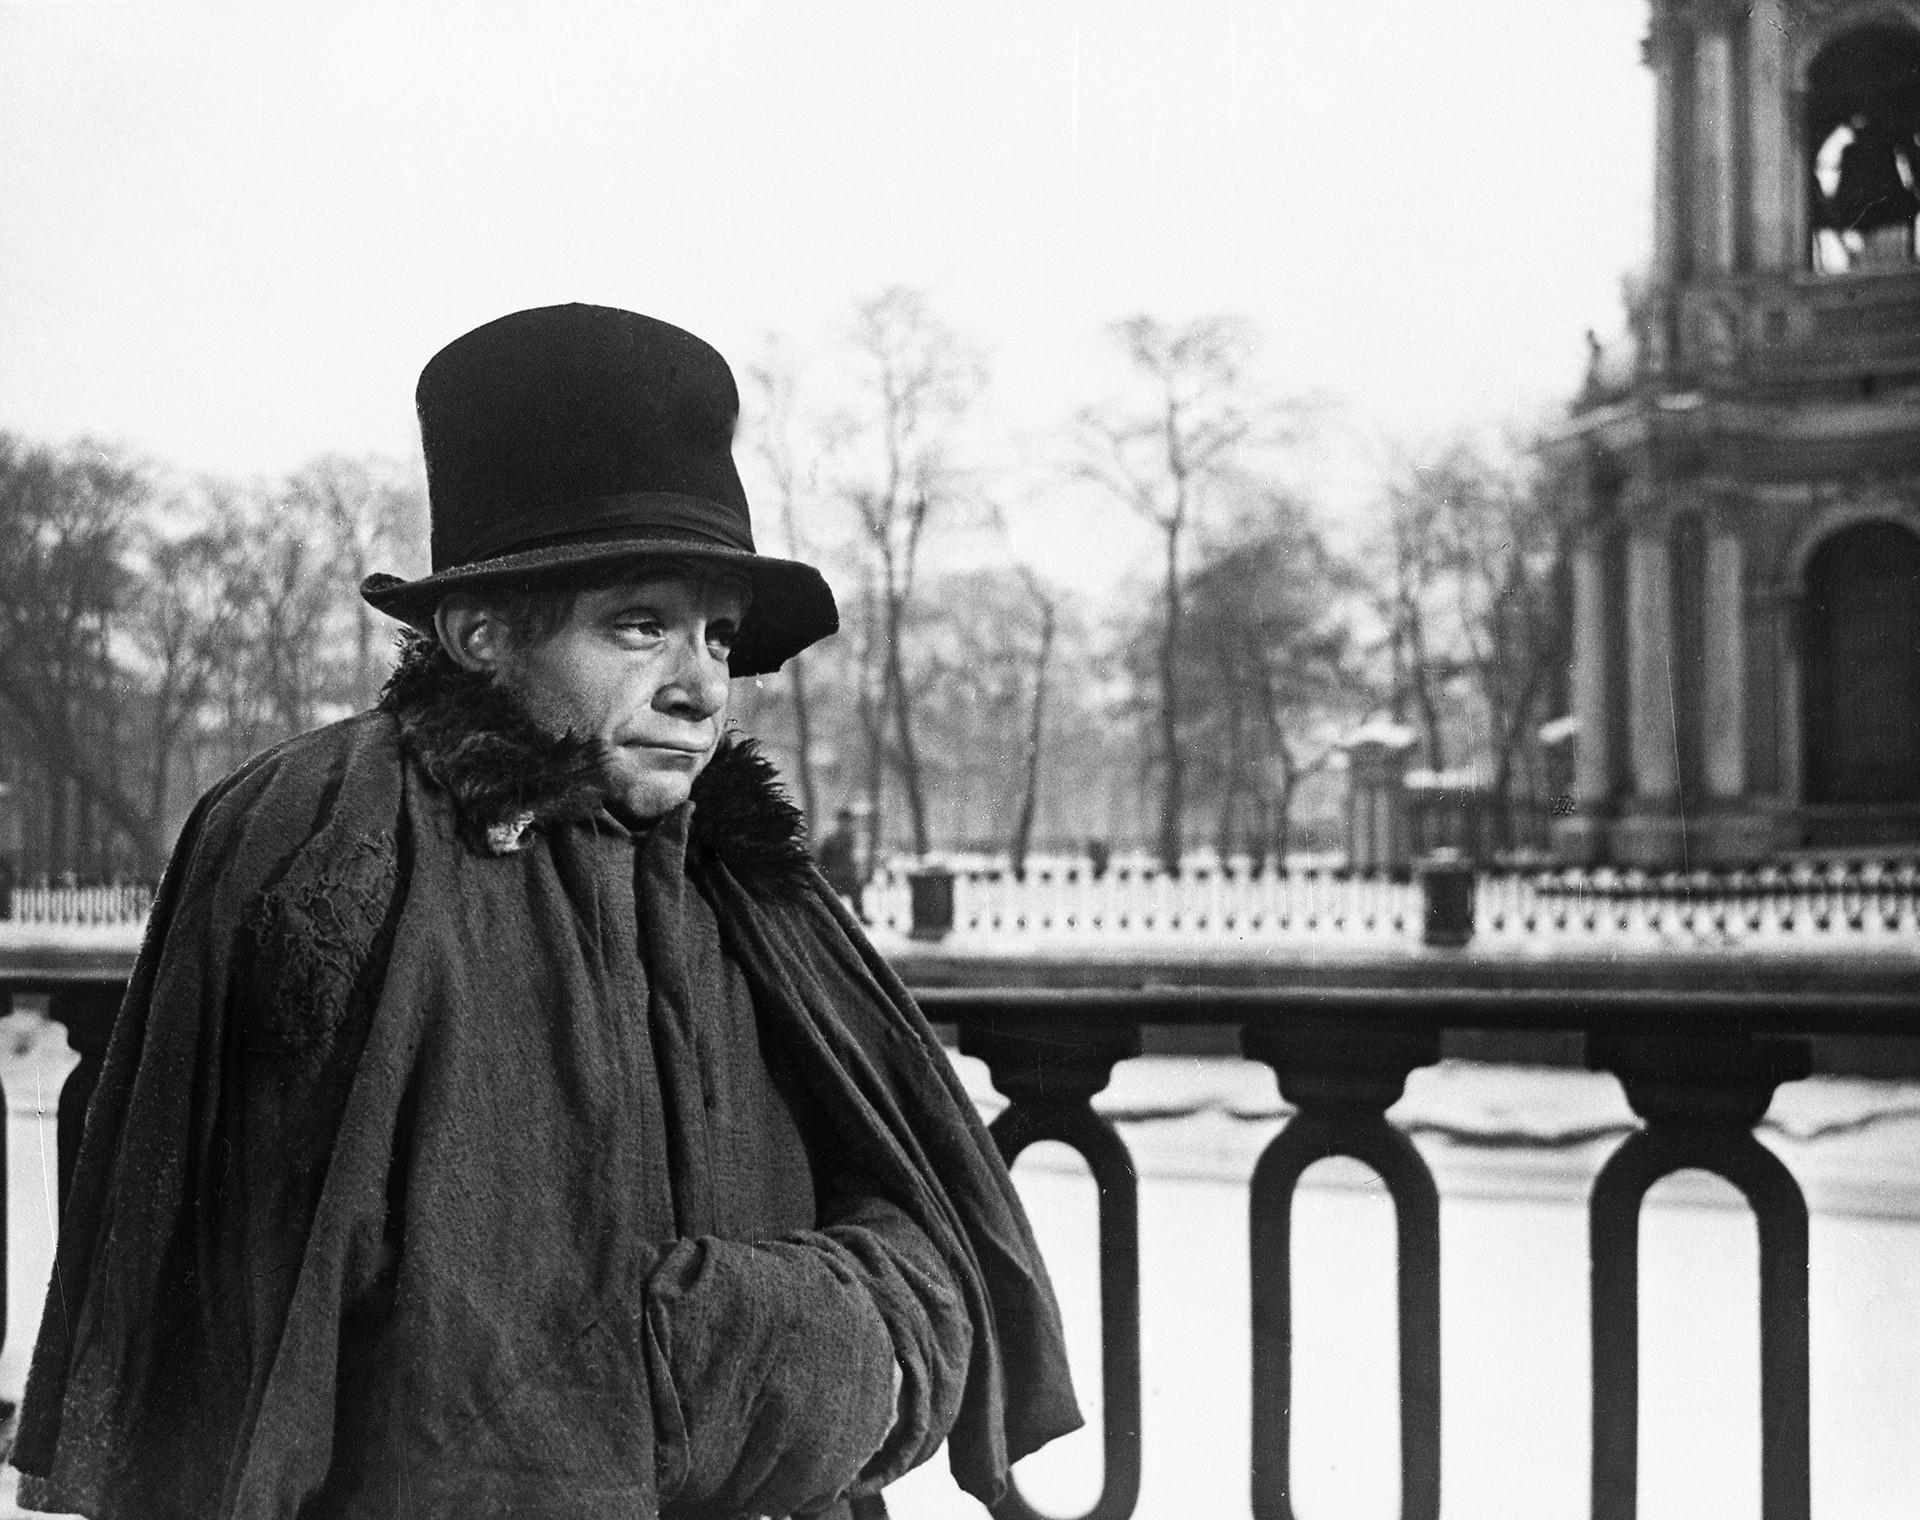 Der Mantel (1959)